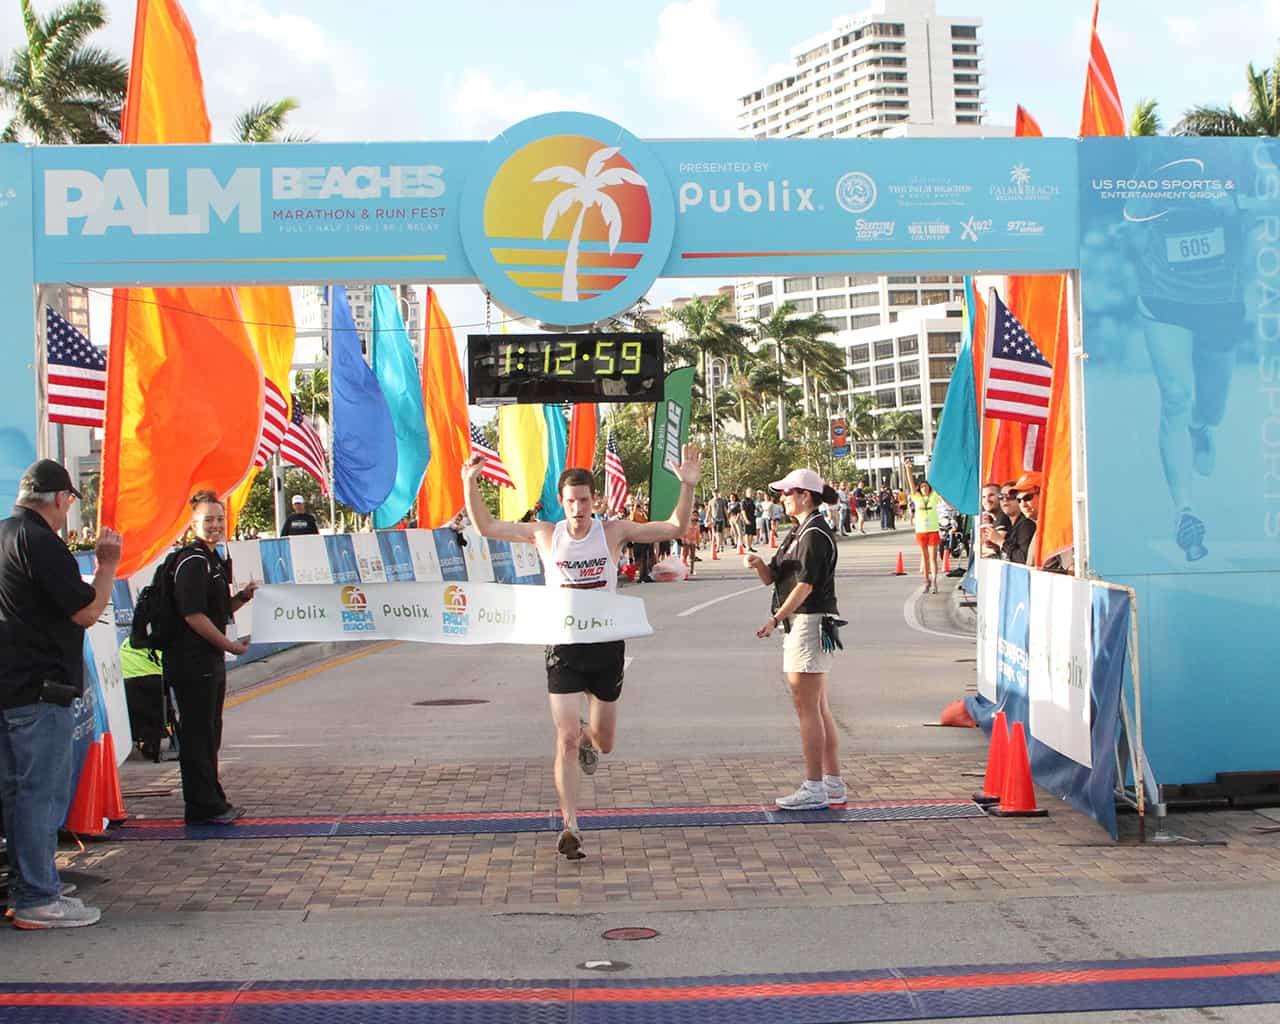 2019 Palm Beaches Marathon, Half Marathon, Relay & 5K in